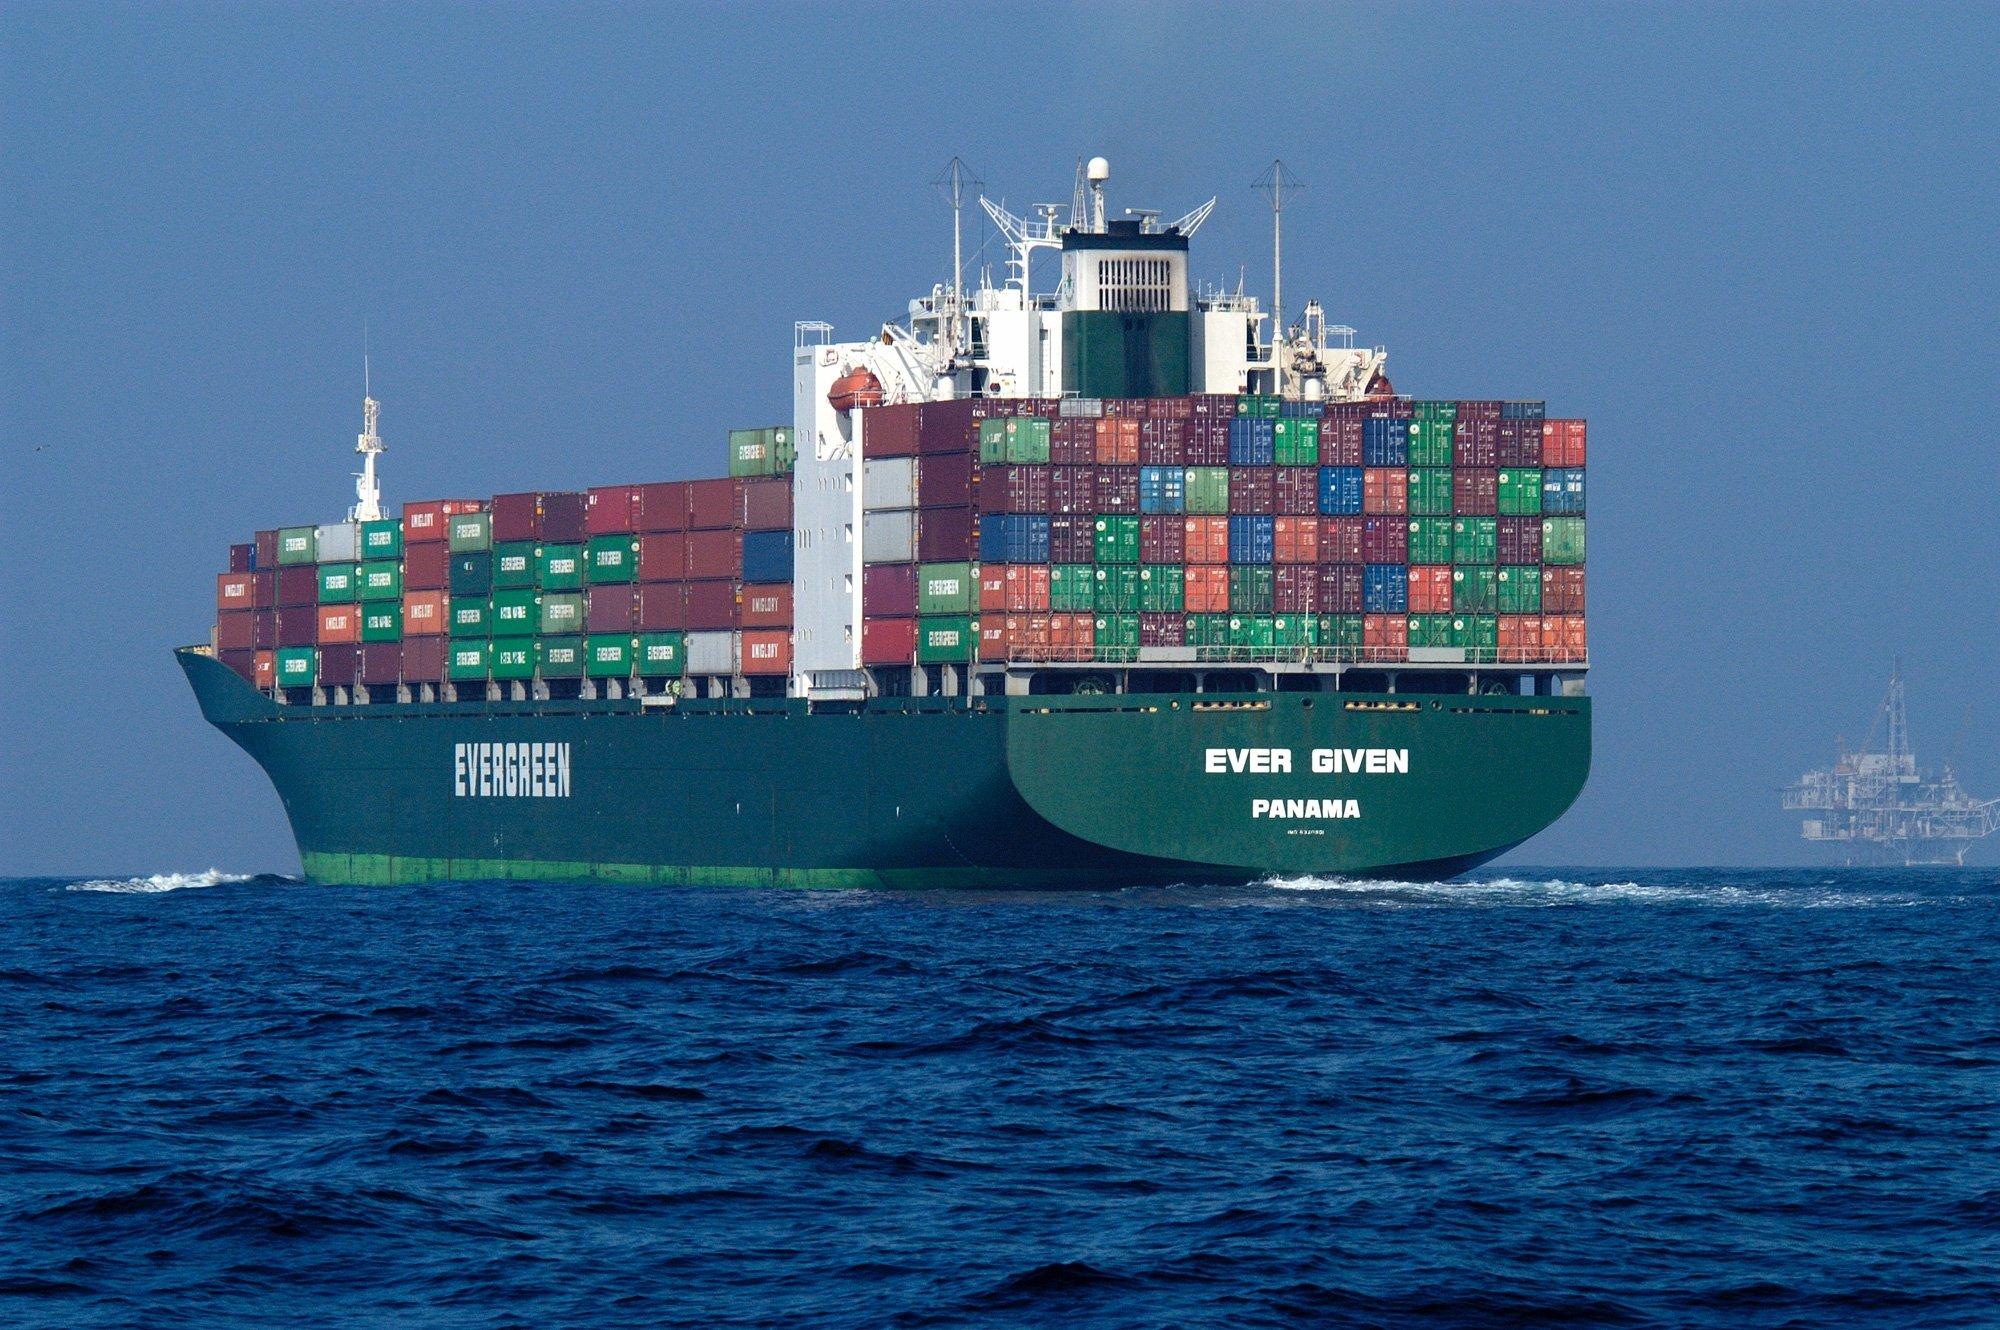 Báo giá vận chuyển container bằng đường biển 2018 | Vận chuyển Nam Bắc